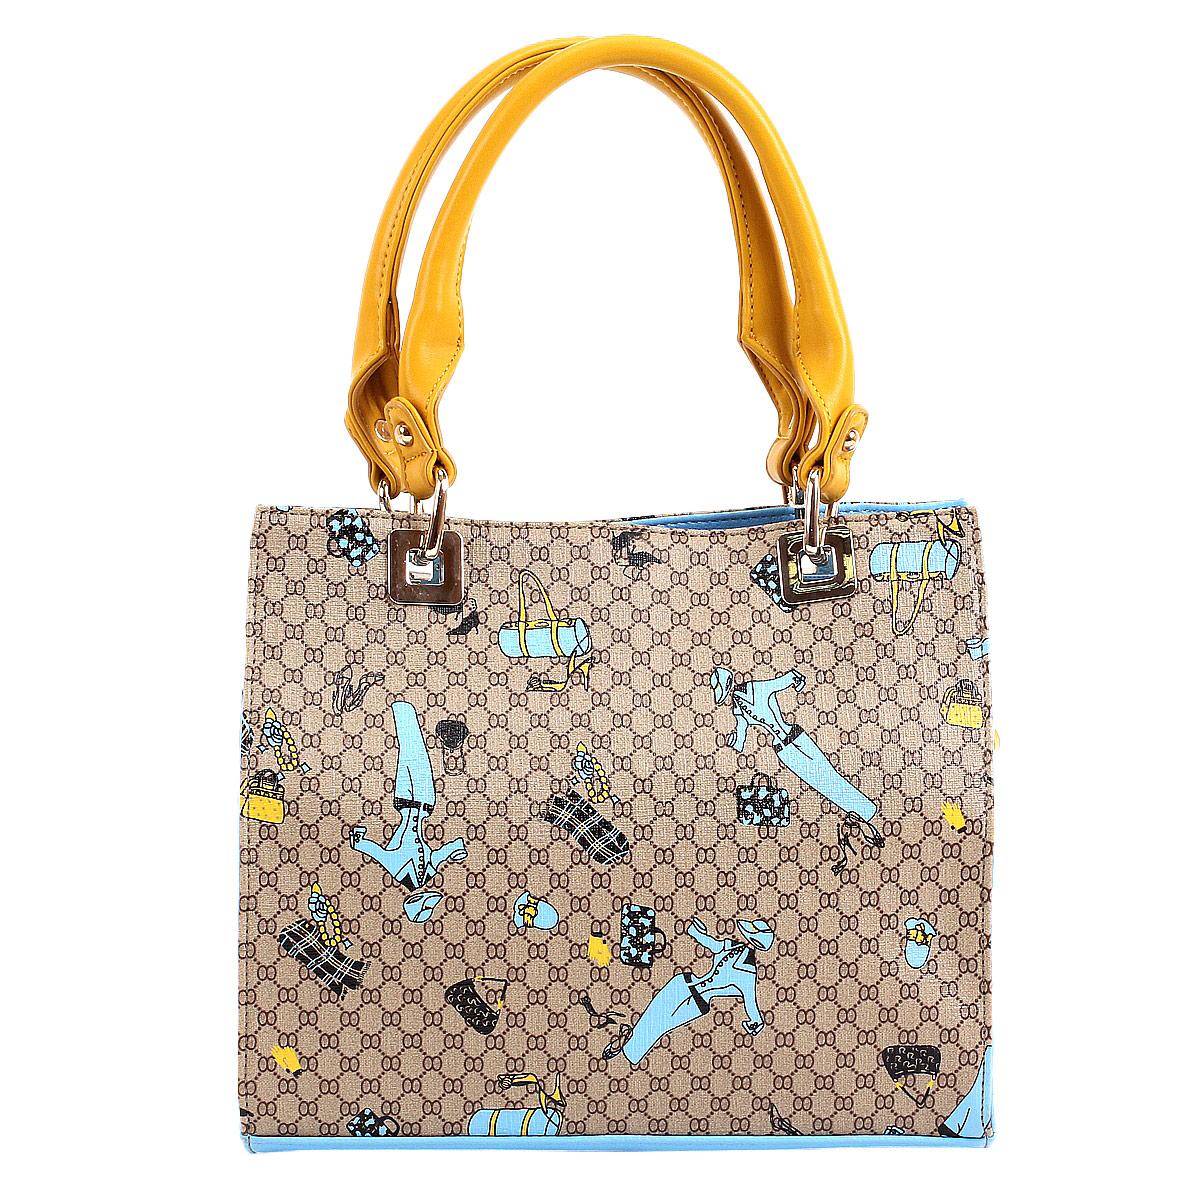 Сумка женская Leighton, цвет: бежевый, голубой. 560322-70273-47670-00504Женская сумка Leighton выполнена из искусственной кожи и оформлена ярким принтом с изображениями различных аксессуаров. Сумка закрывается на застежку-молнию. Внутри - одно отделение, разделенное средником на застежке-молнии, также имеется втачной карманчик на застежке-молнии и два накладных кармашка для мобильного телефона и мелочей. На задней стенке - карман на застежке-молнии. Сумка - это стильный аксессуар, который подчеркнет Вашу изысканность и индивидуальность и сделает Ваш образ завершенным.